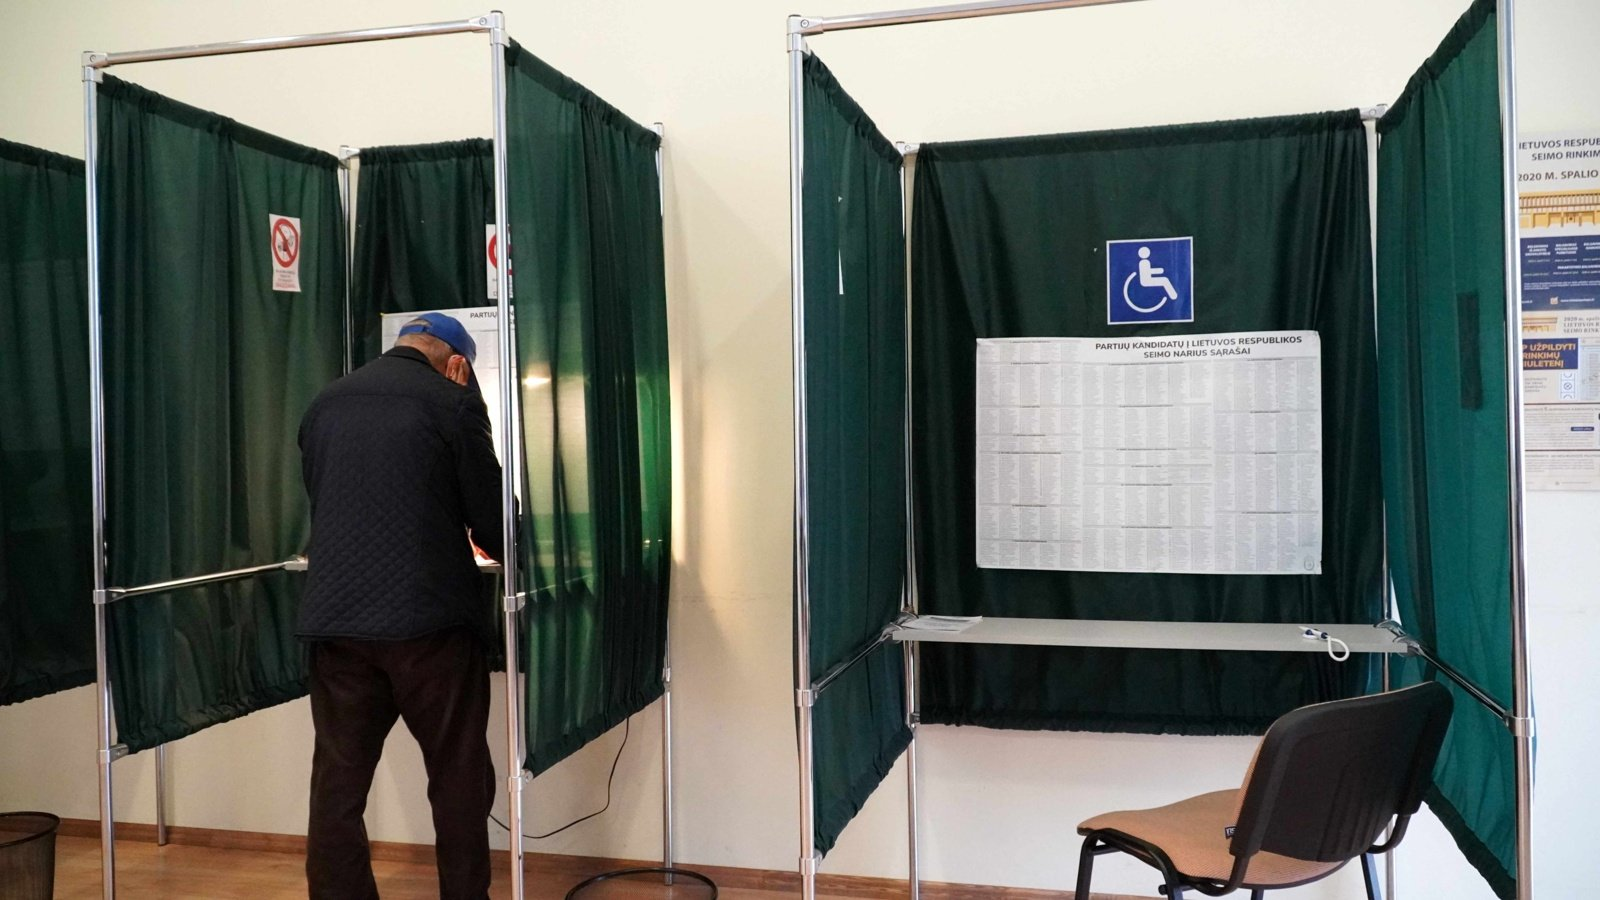 VRK patvirtino galutinius Seimo rinkimų rezultatus